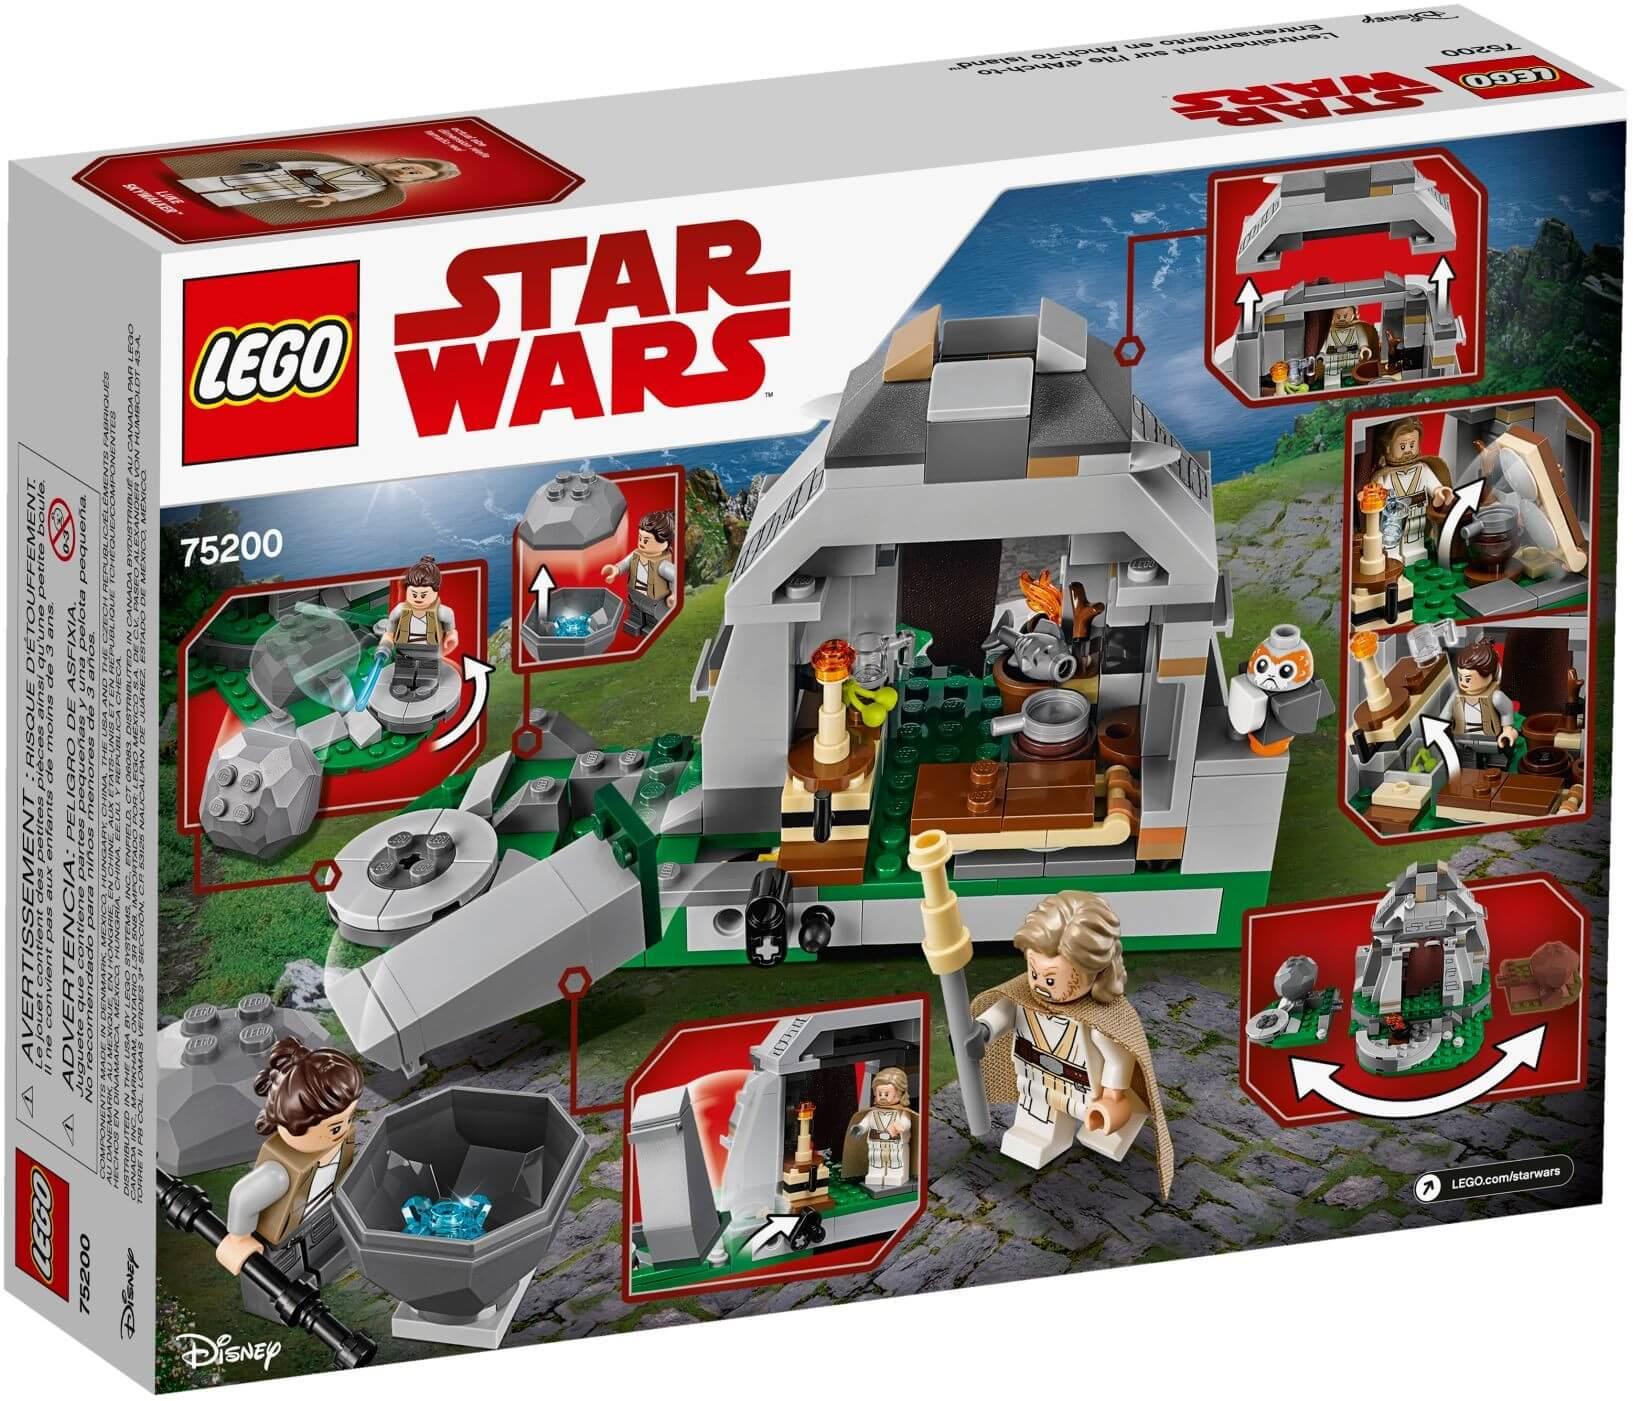 Mua đồ chơi LEGO 75200 - LEGO Star Wars 75200 - Rey và Luke trên đảo Ahch-To (LEGO Star Wars 75200 Ahch-To Island Training)